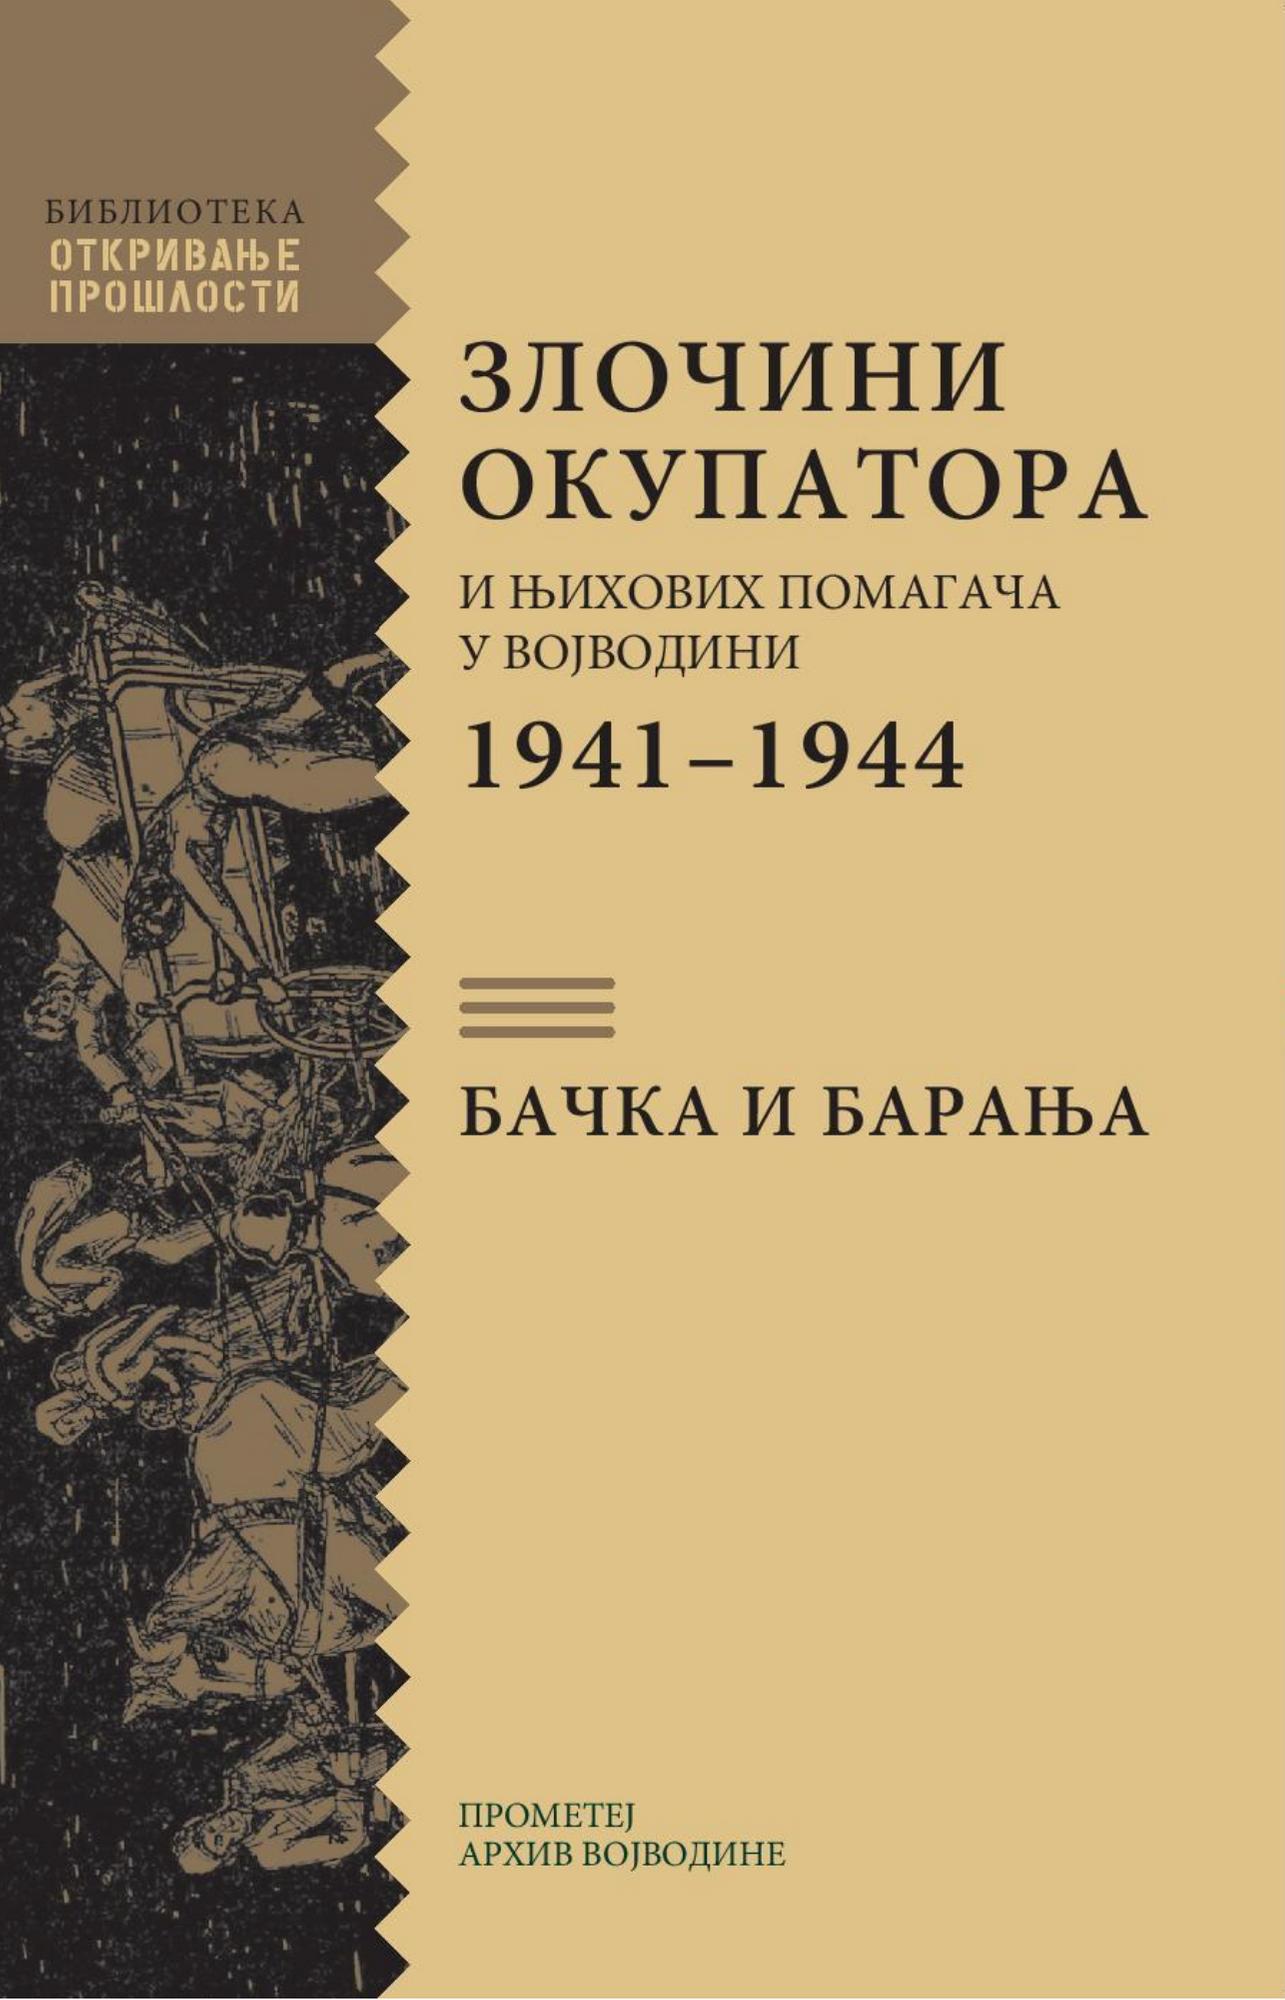 Злочини окупатора и њихових помагача у Војводини 1941-1944: БАЧКА И БАРАЊА